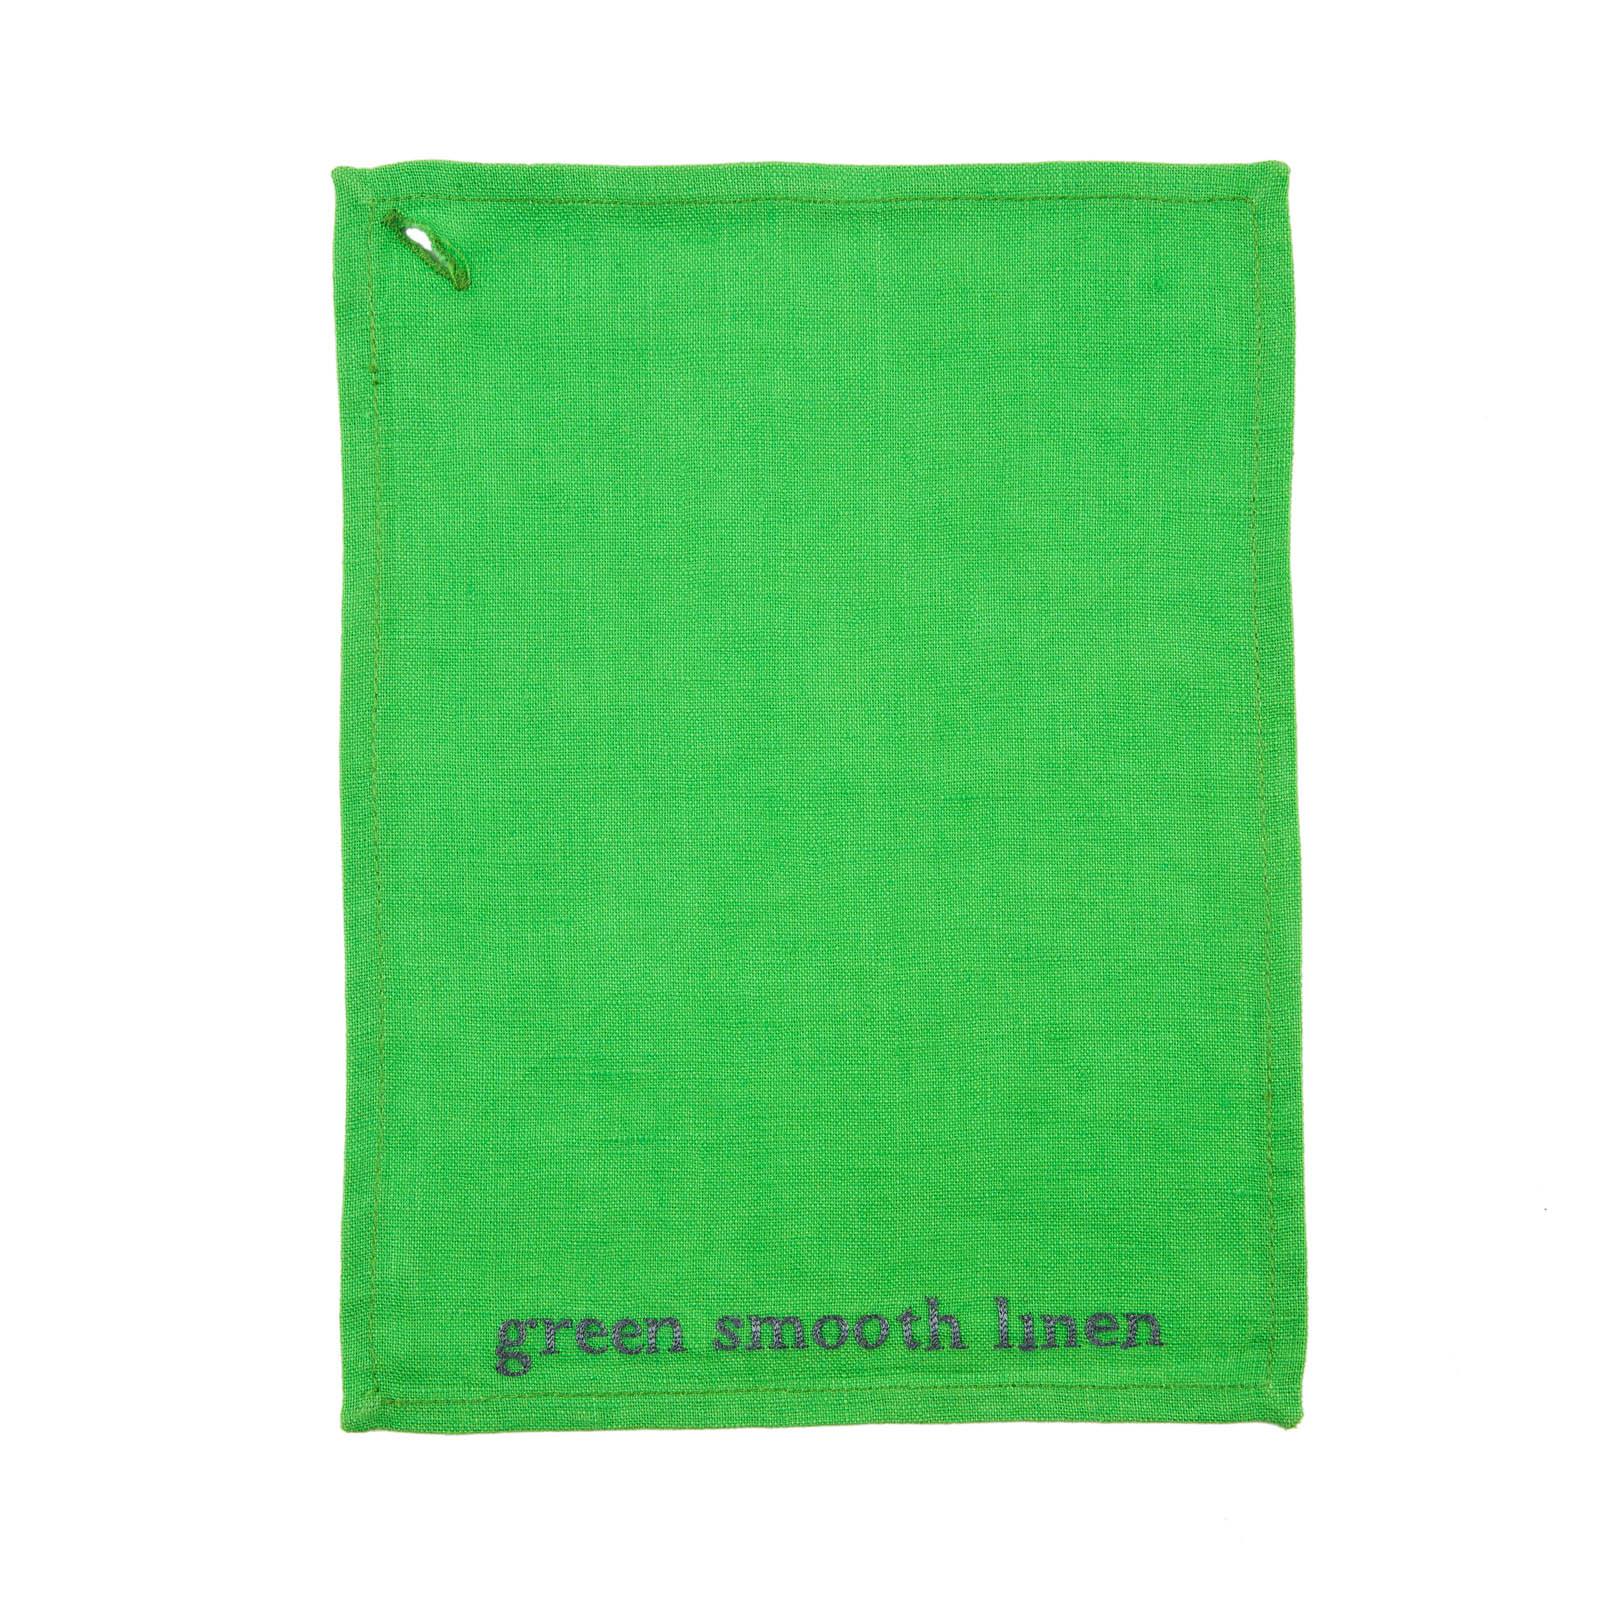 GREEN SMOOTH LINEN